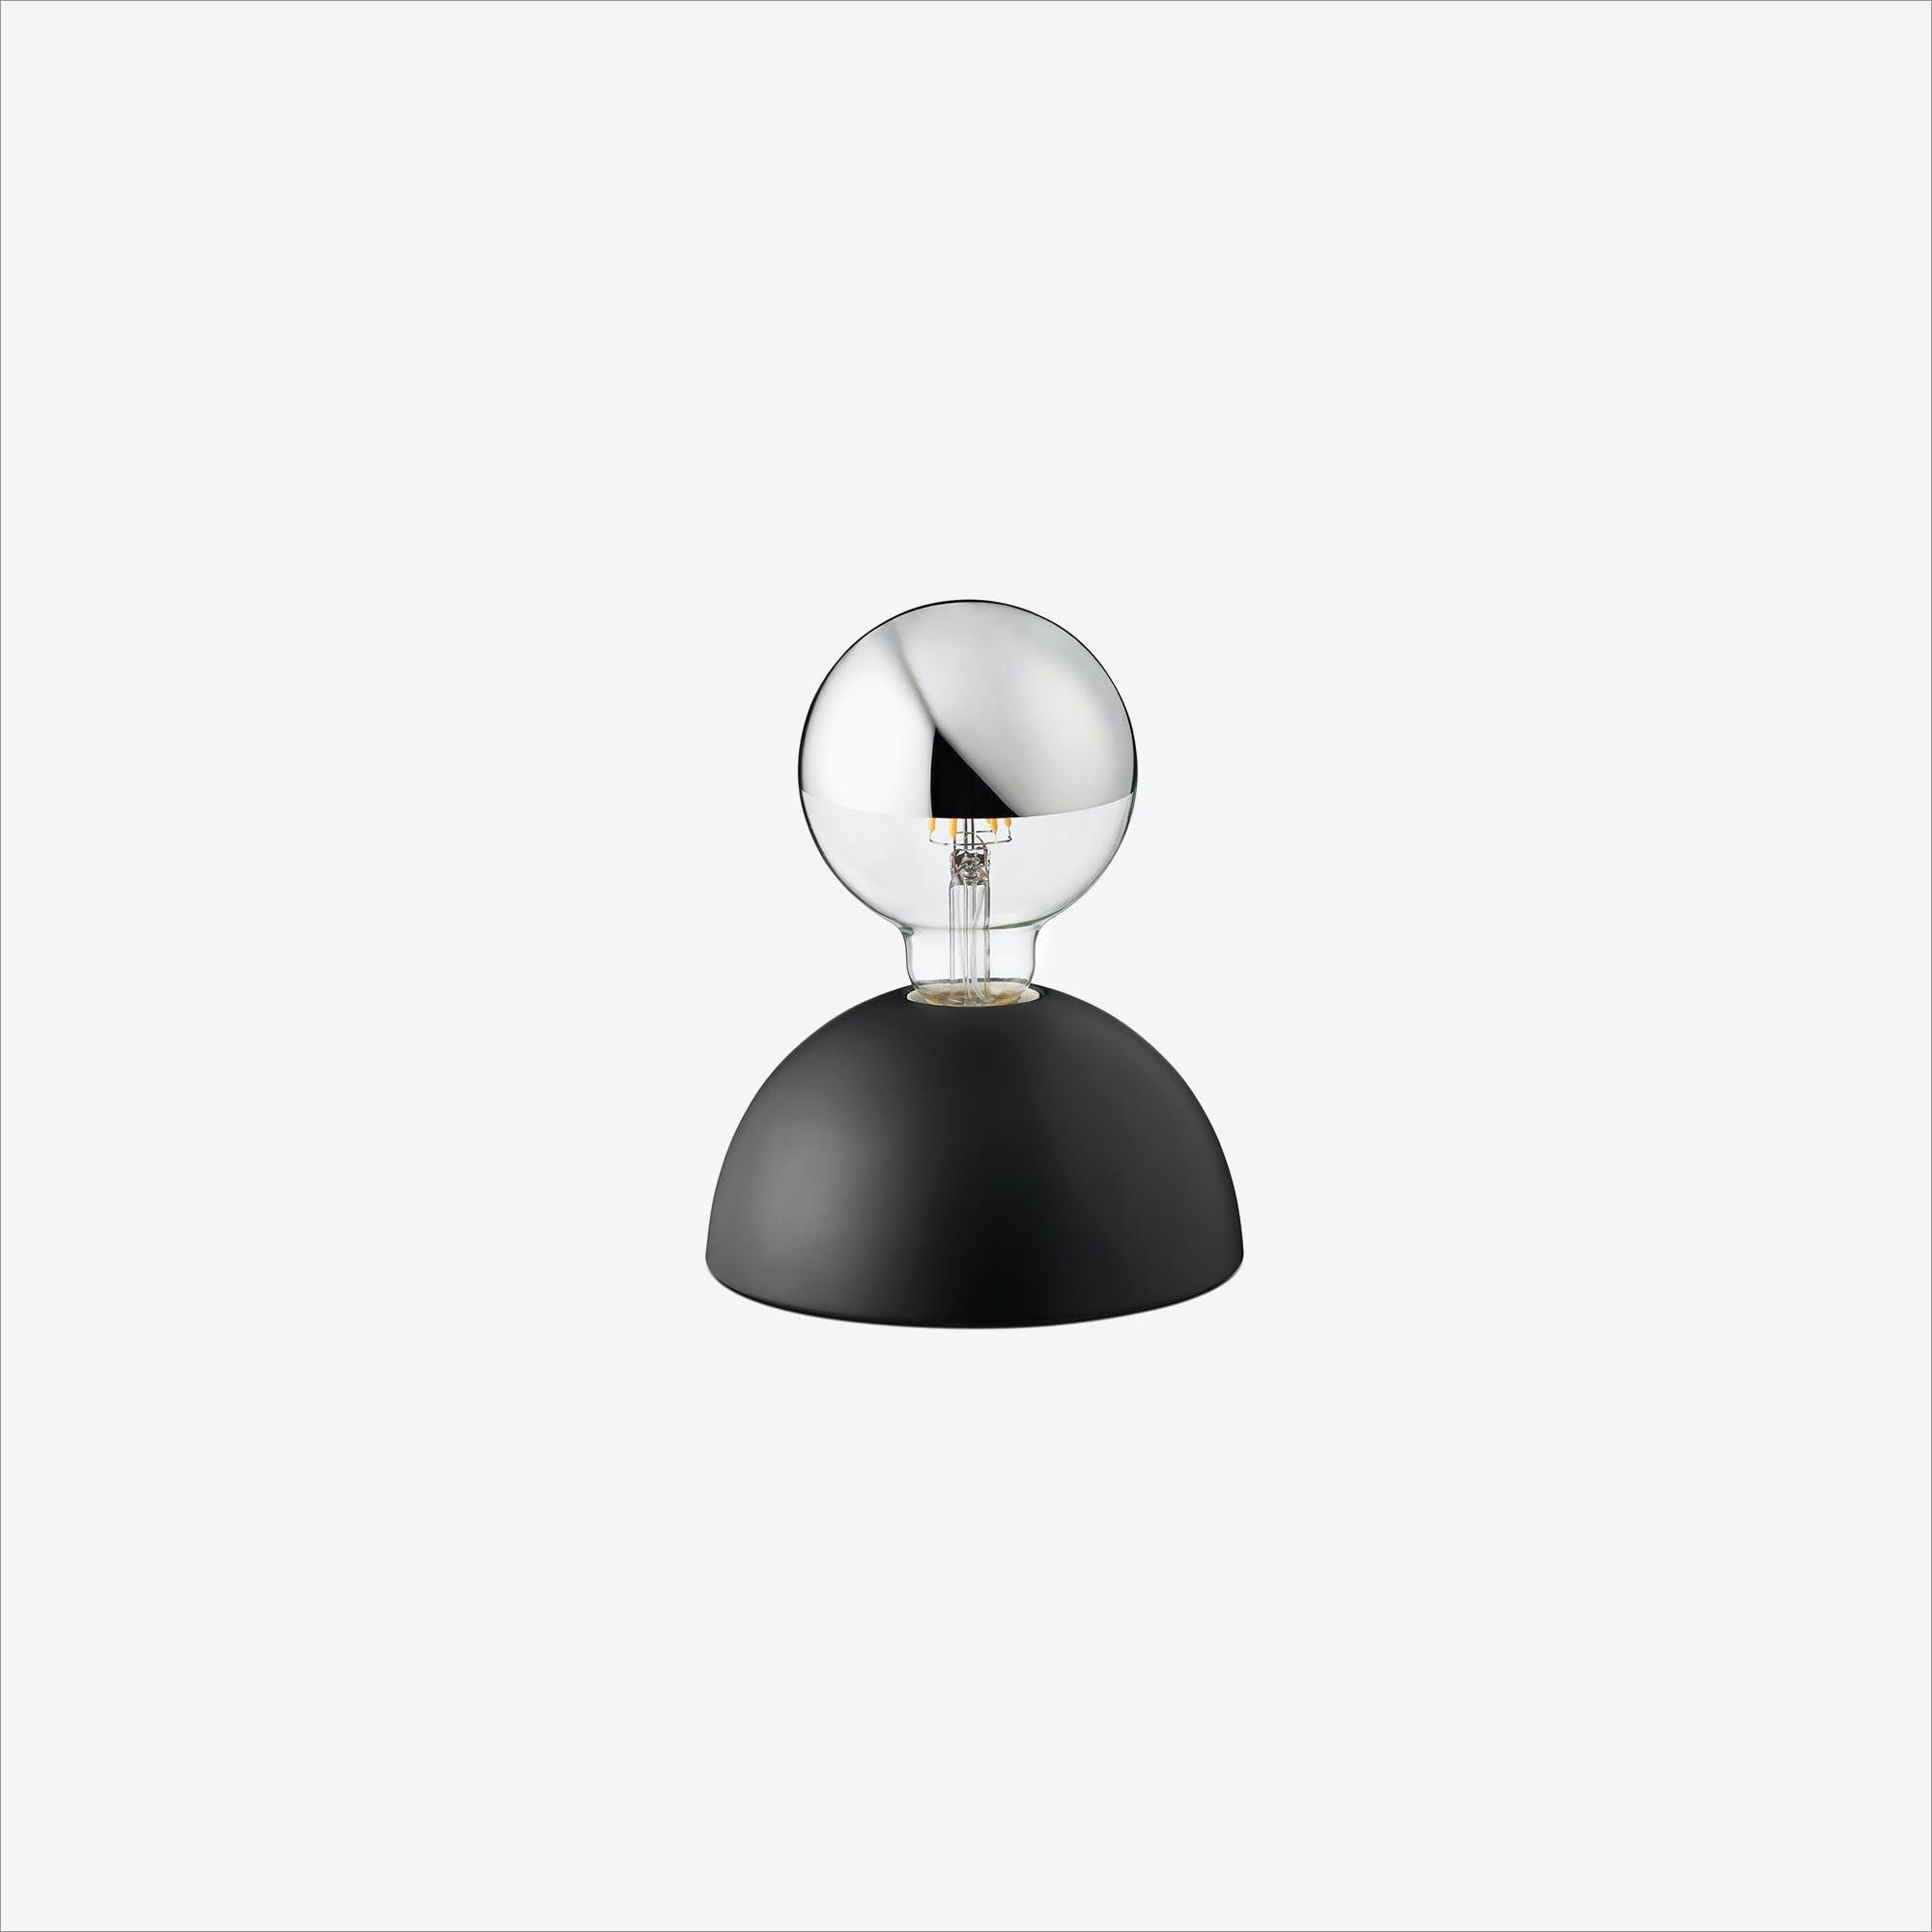 Pat Table Lamp in Black